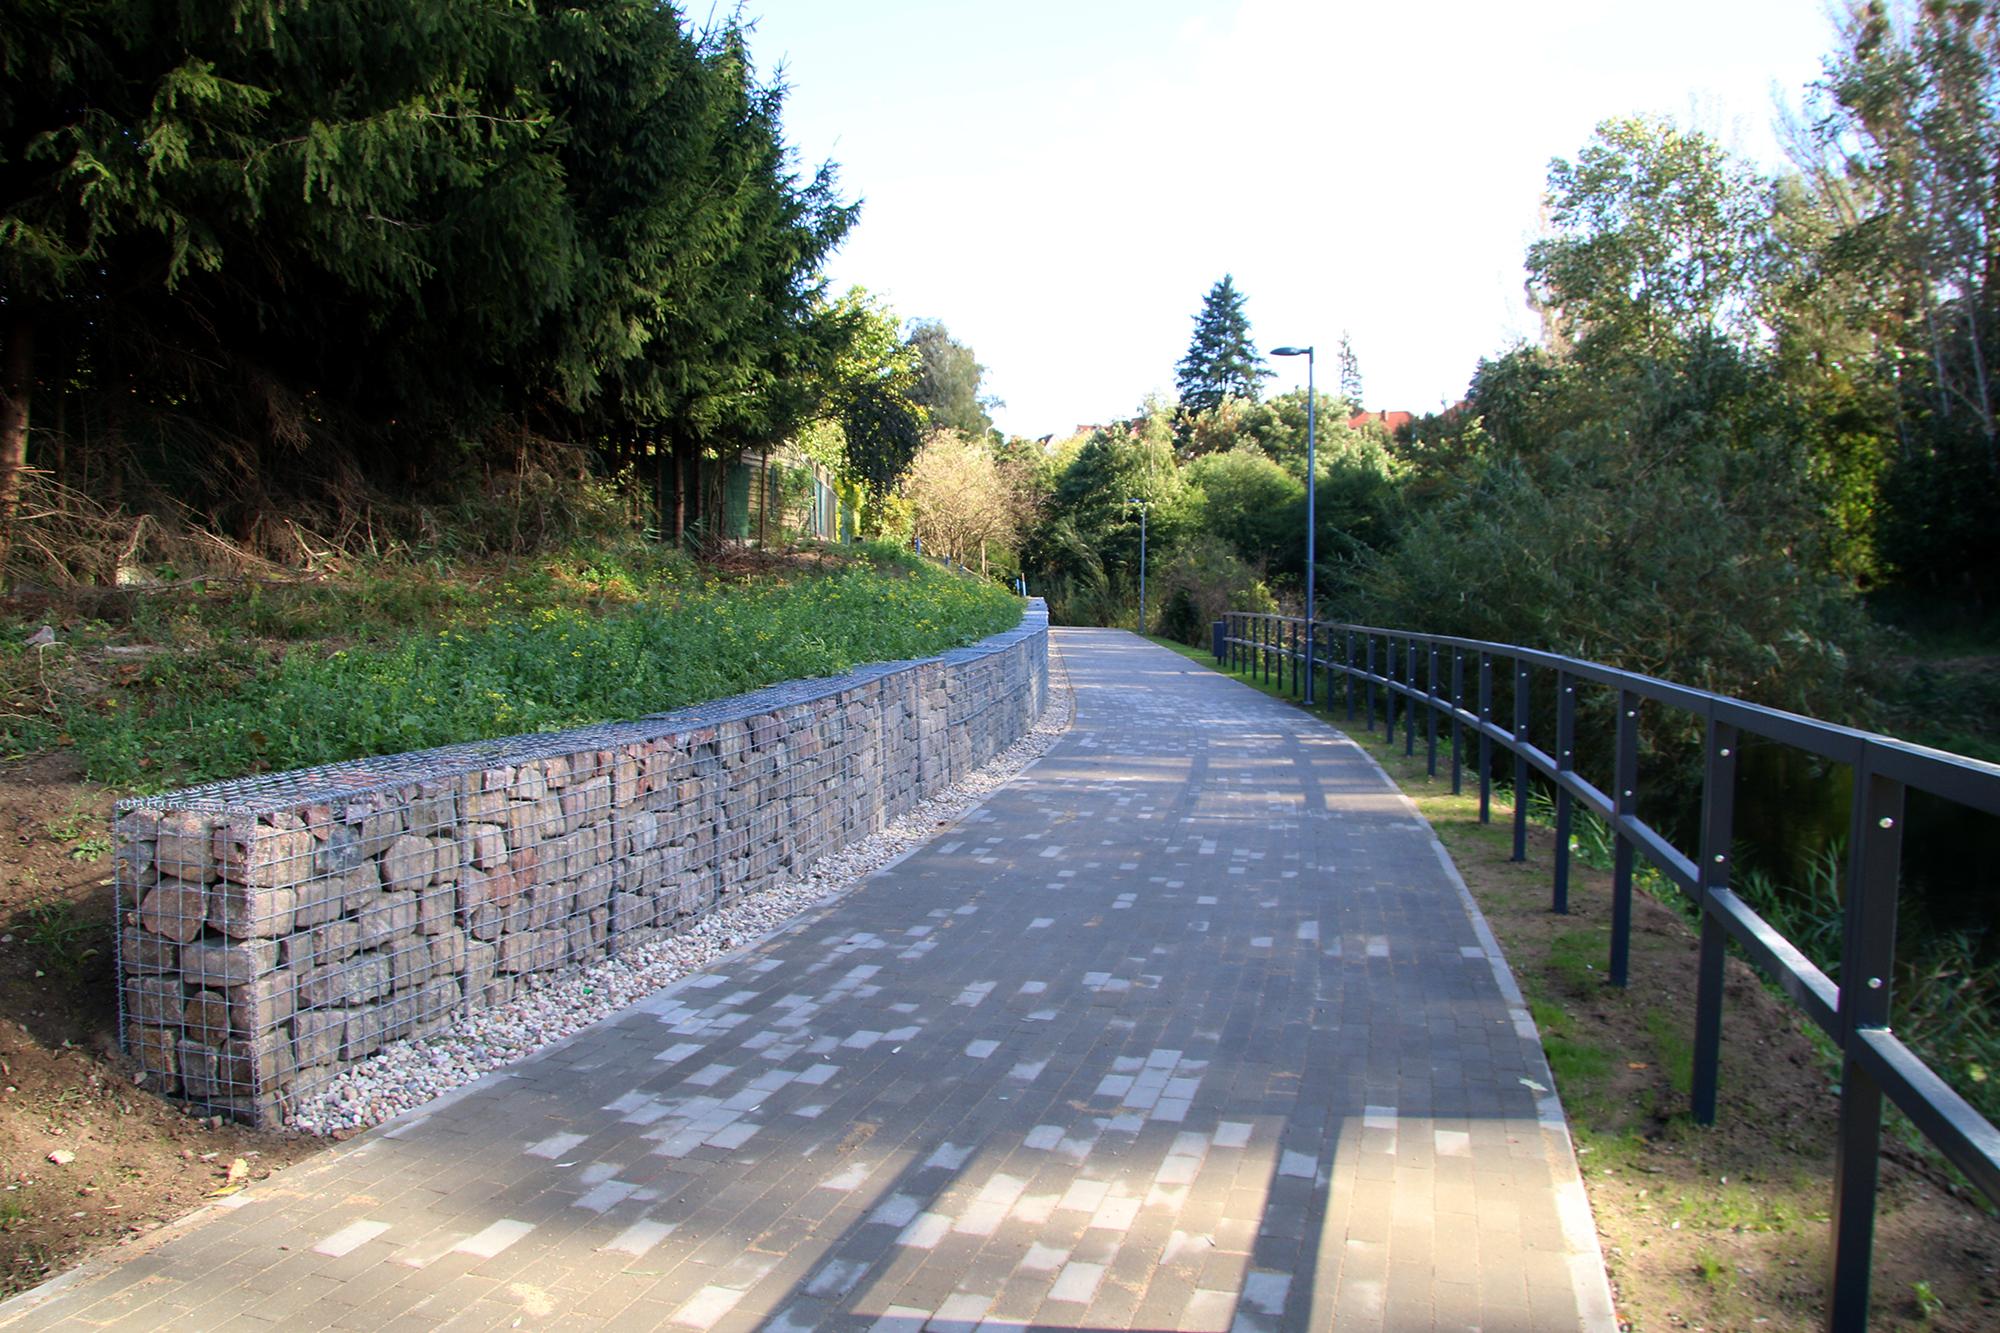 Łynostrada rowerem, Łyna kajakiem. Oryginalny rajd i spływ w Olsztynie